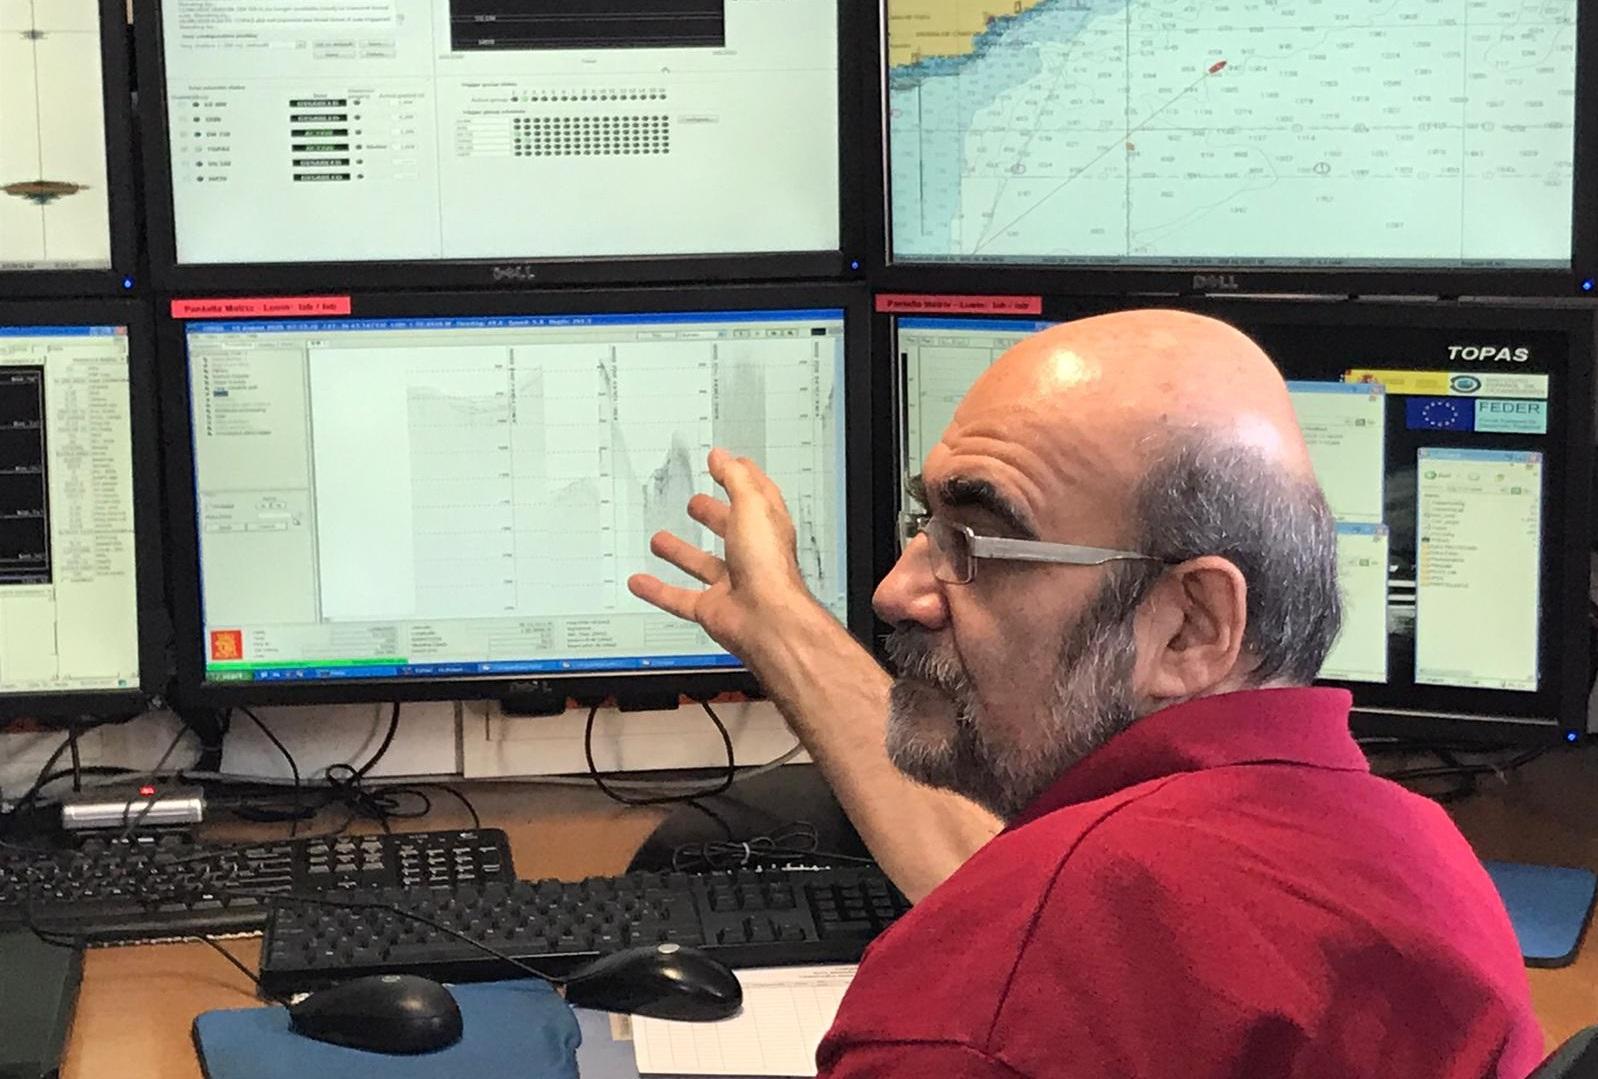 Juan Tomás Vázquez en el laboratorio de acústica del Ramón Margalef ultimando los preparativos del muestreo en el golfo de Vera, primera área de estudio. Imagen: IEO